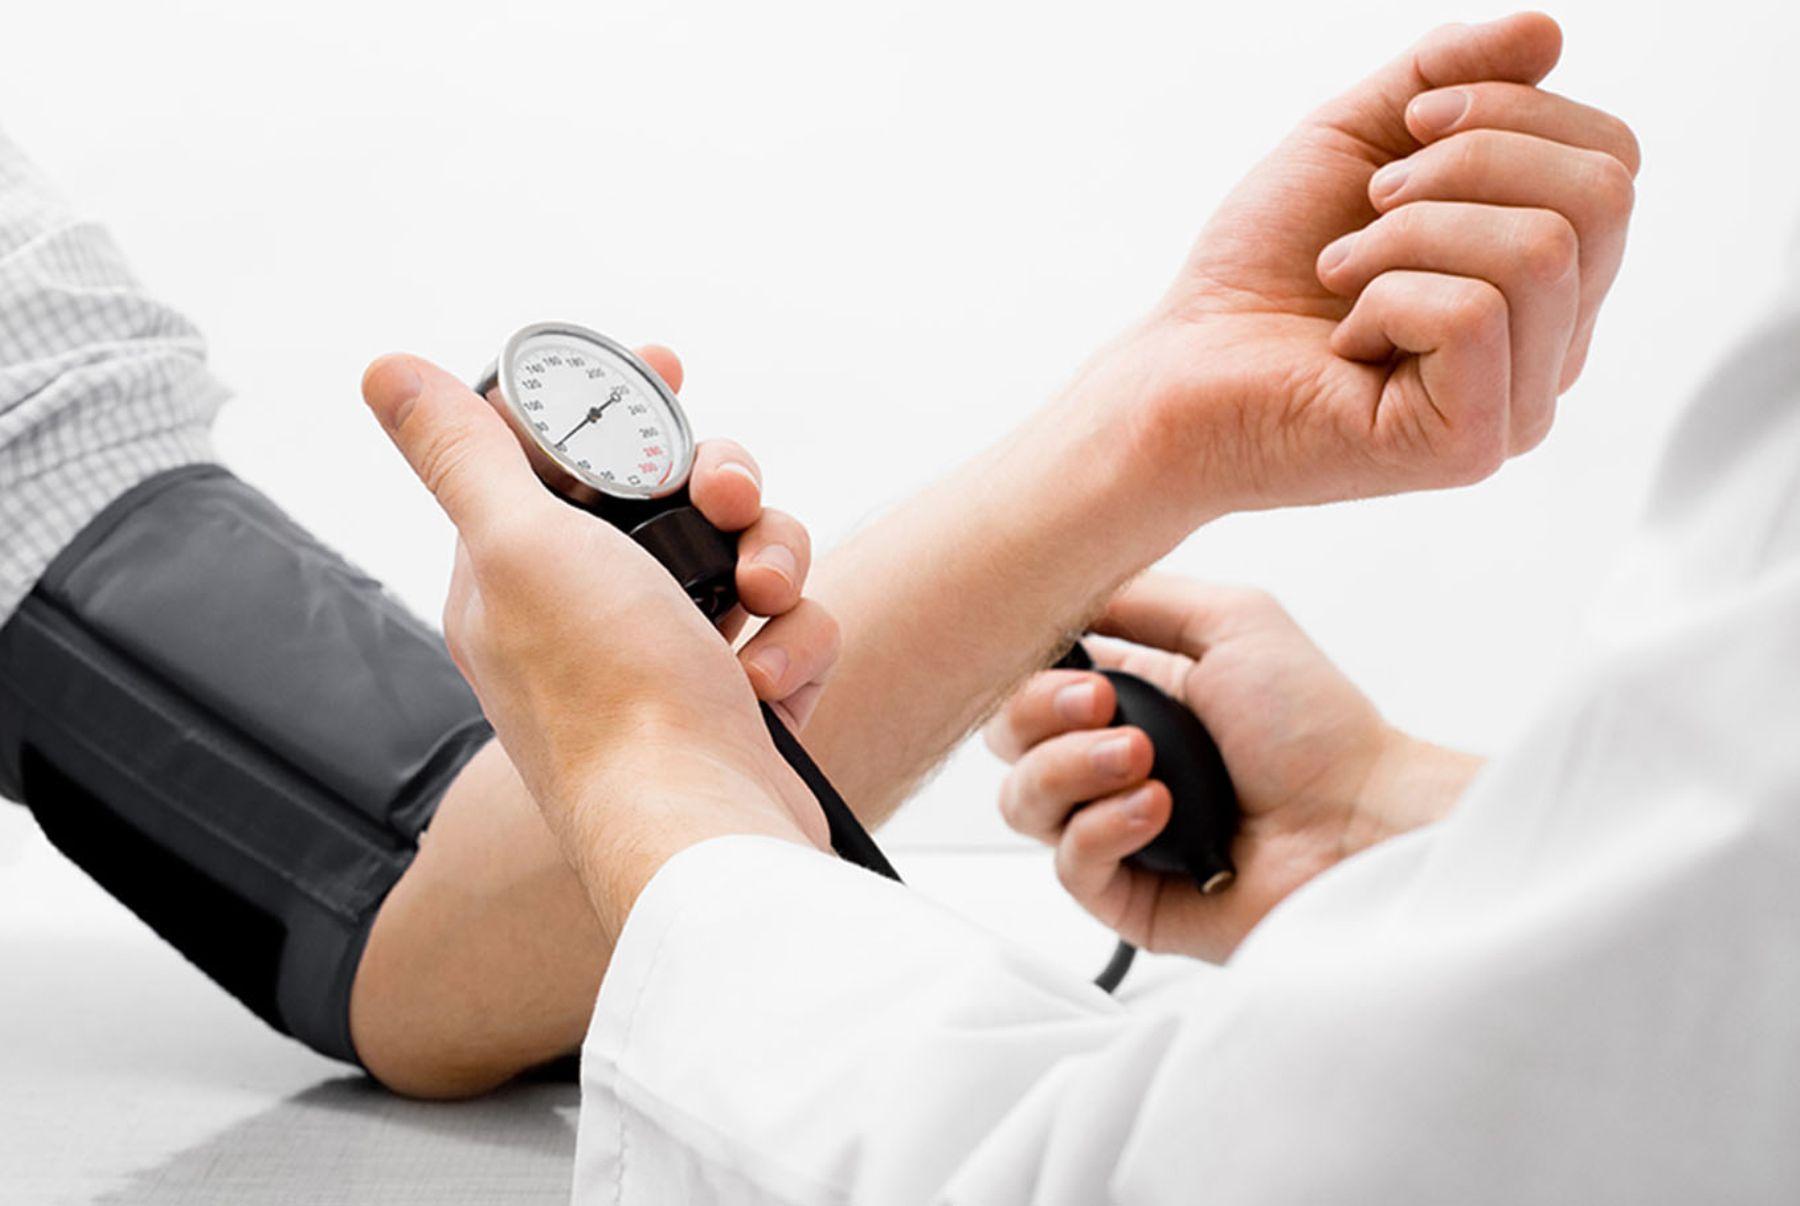 Durante los ensayos clínicos para encontrar la vacuna contra el covid-19 también se han hecho los estudios respectivos en personas con enfermedades preexistentes.  ANDINA/Difusión